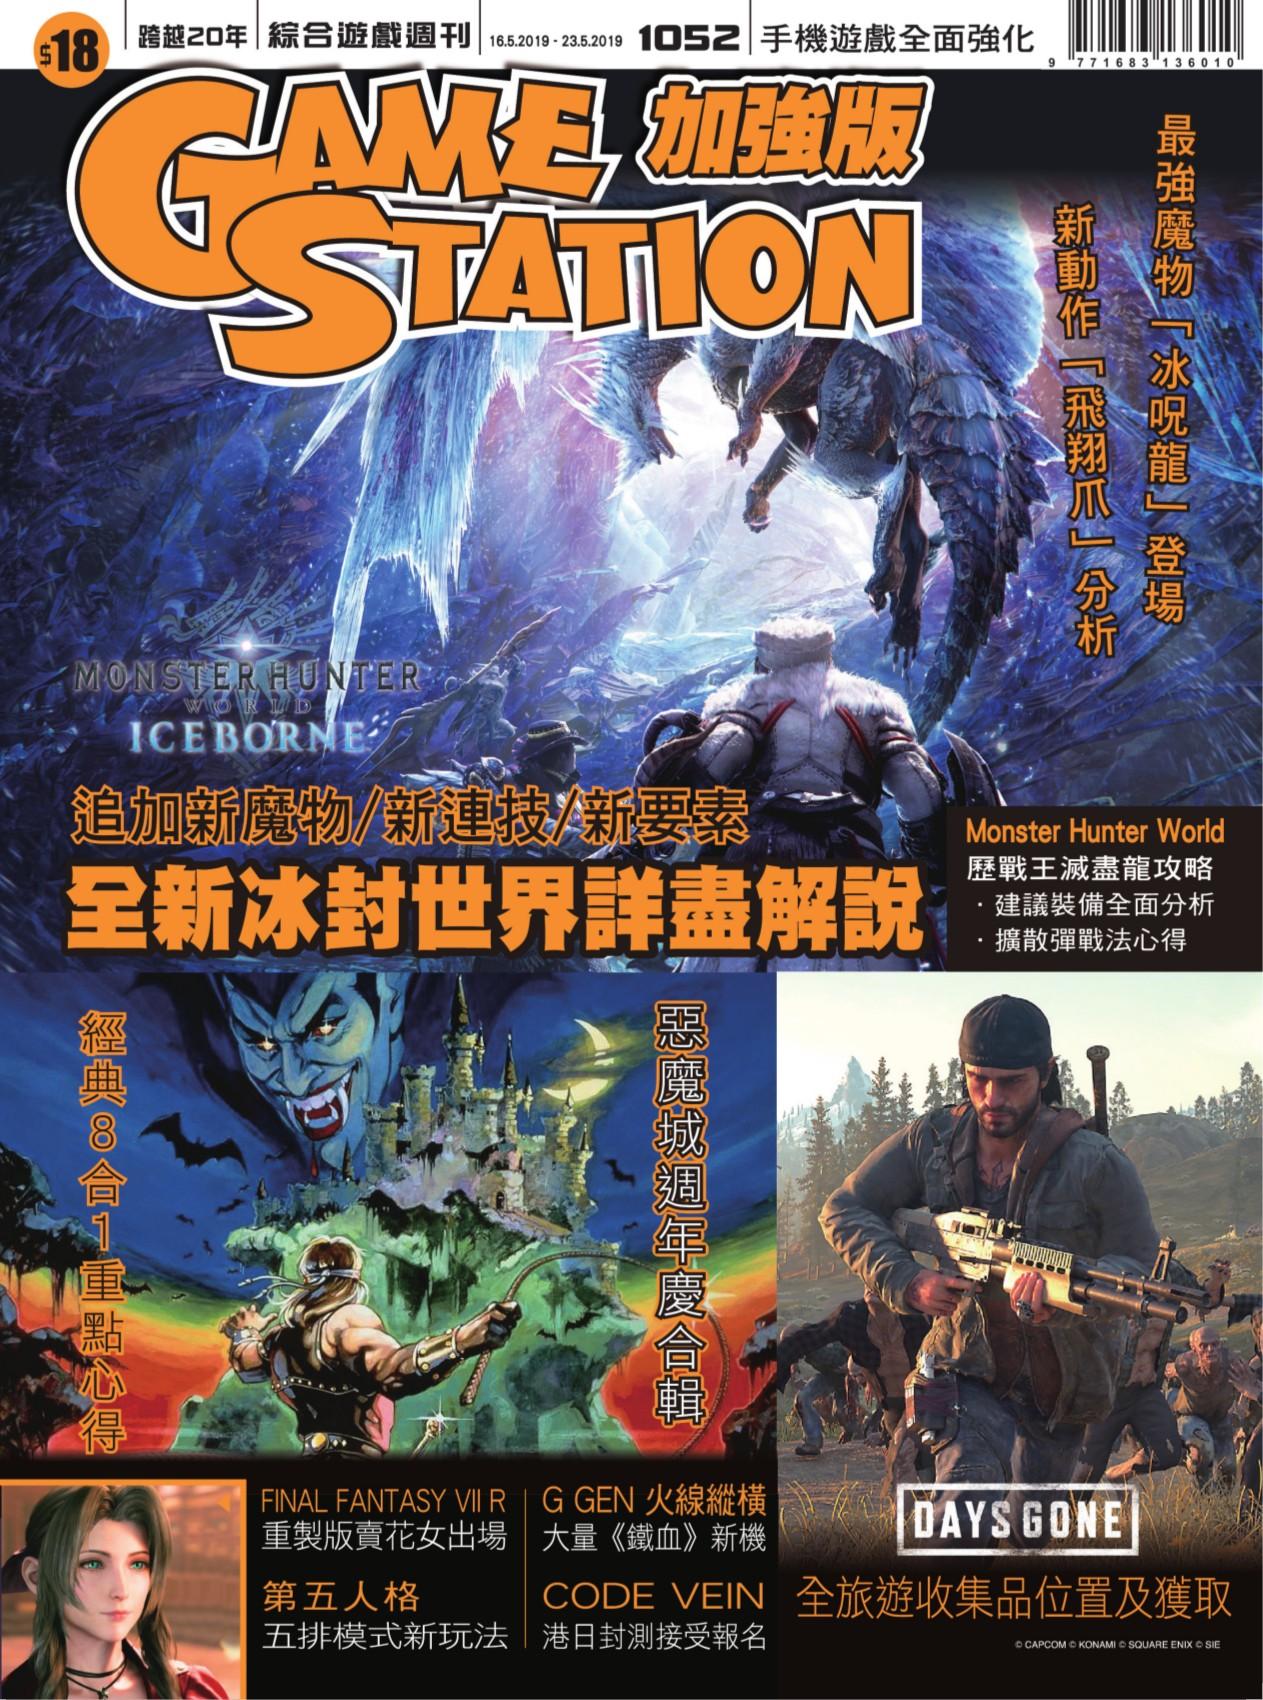 GAME STATION2019年5月16日第1052期